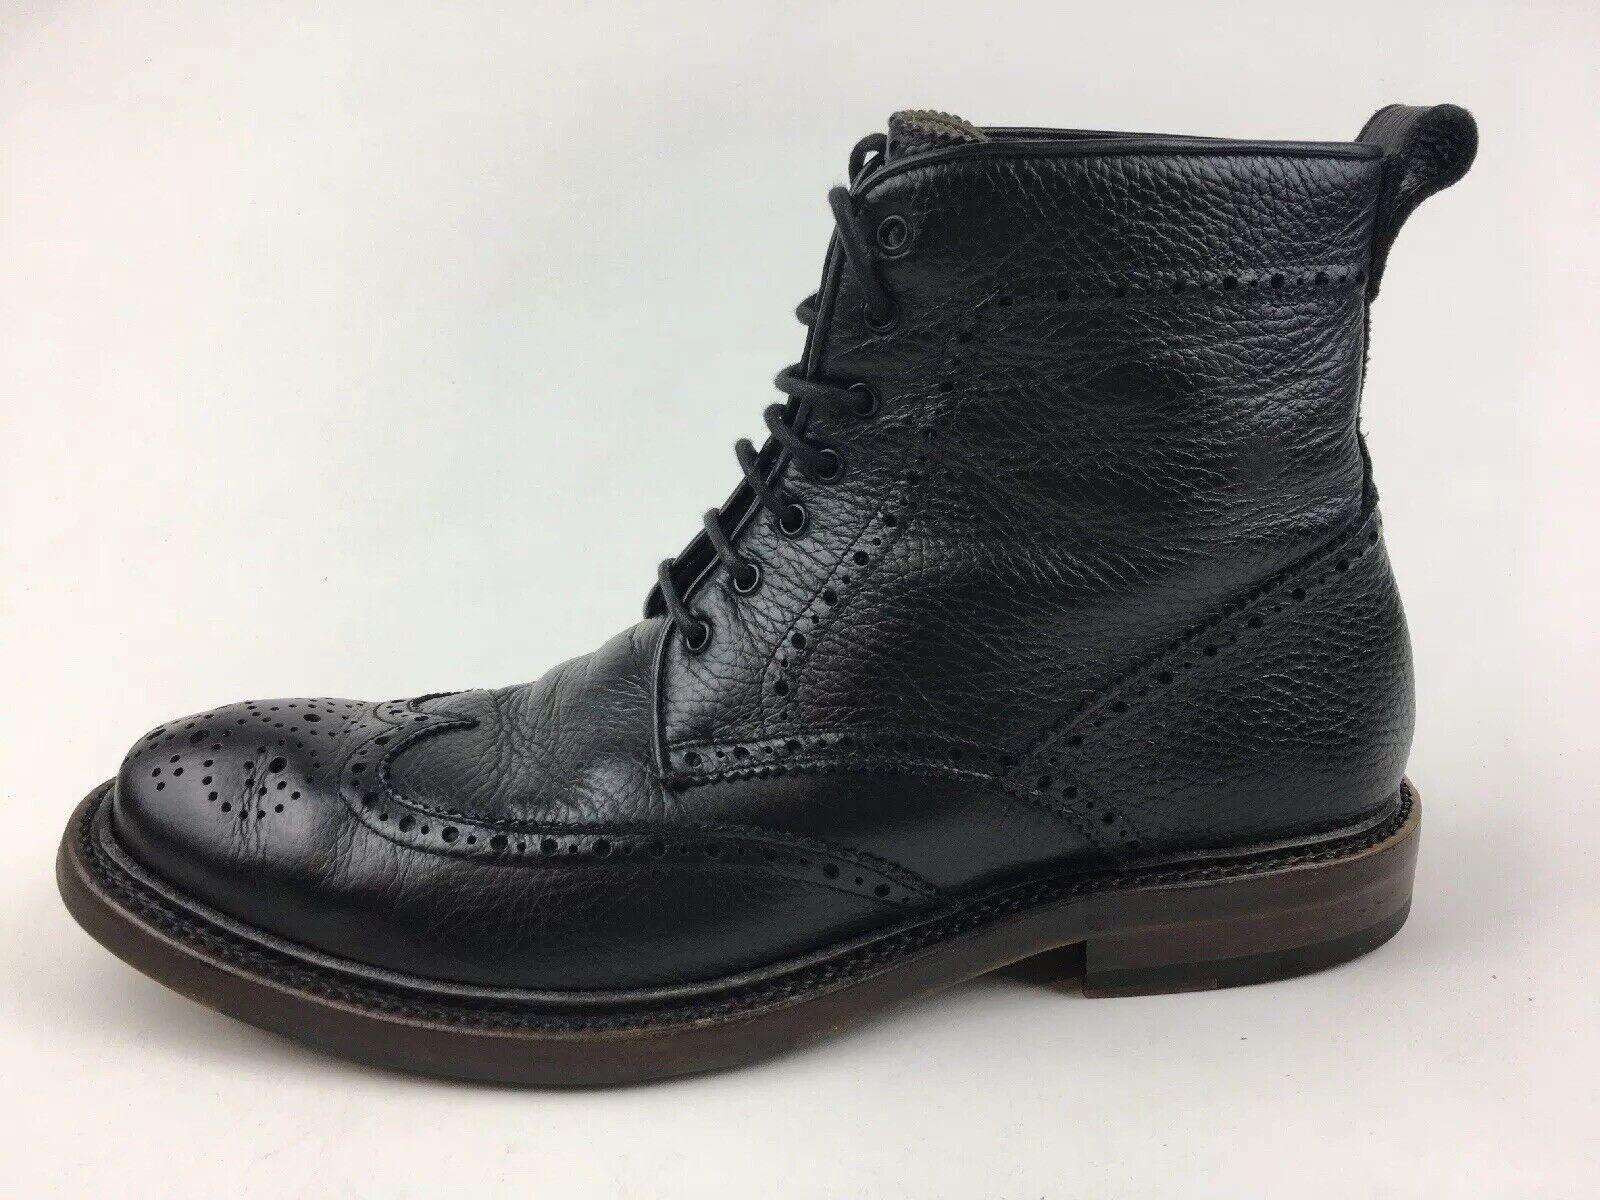 Aquatalia Forrest con guijarros Nappa Con Cordones botas para hombre M, De Cuero Negro 2025